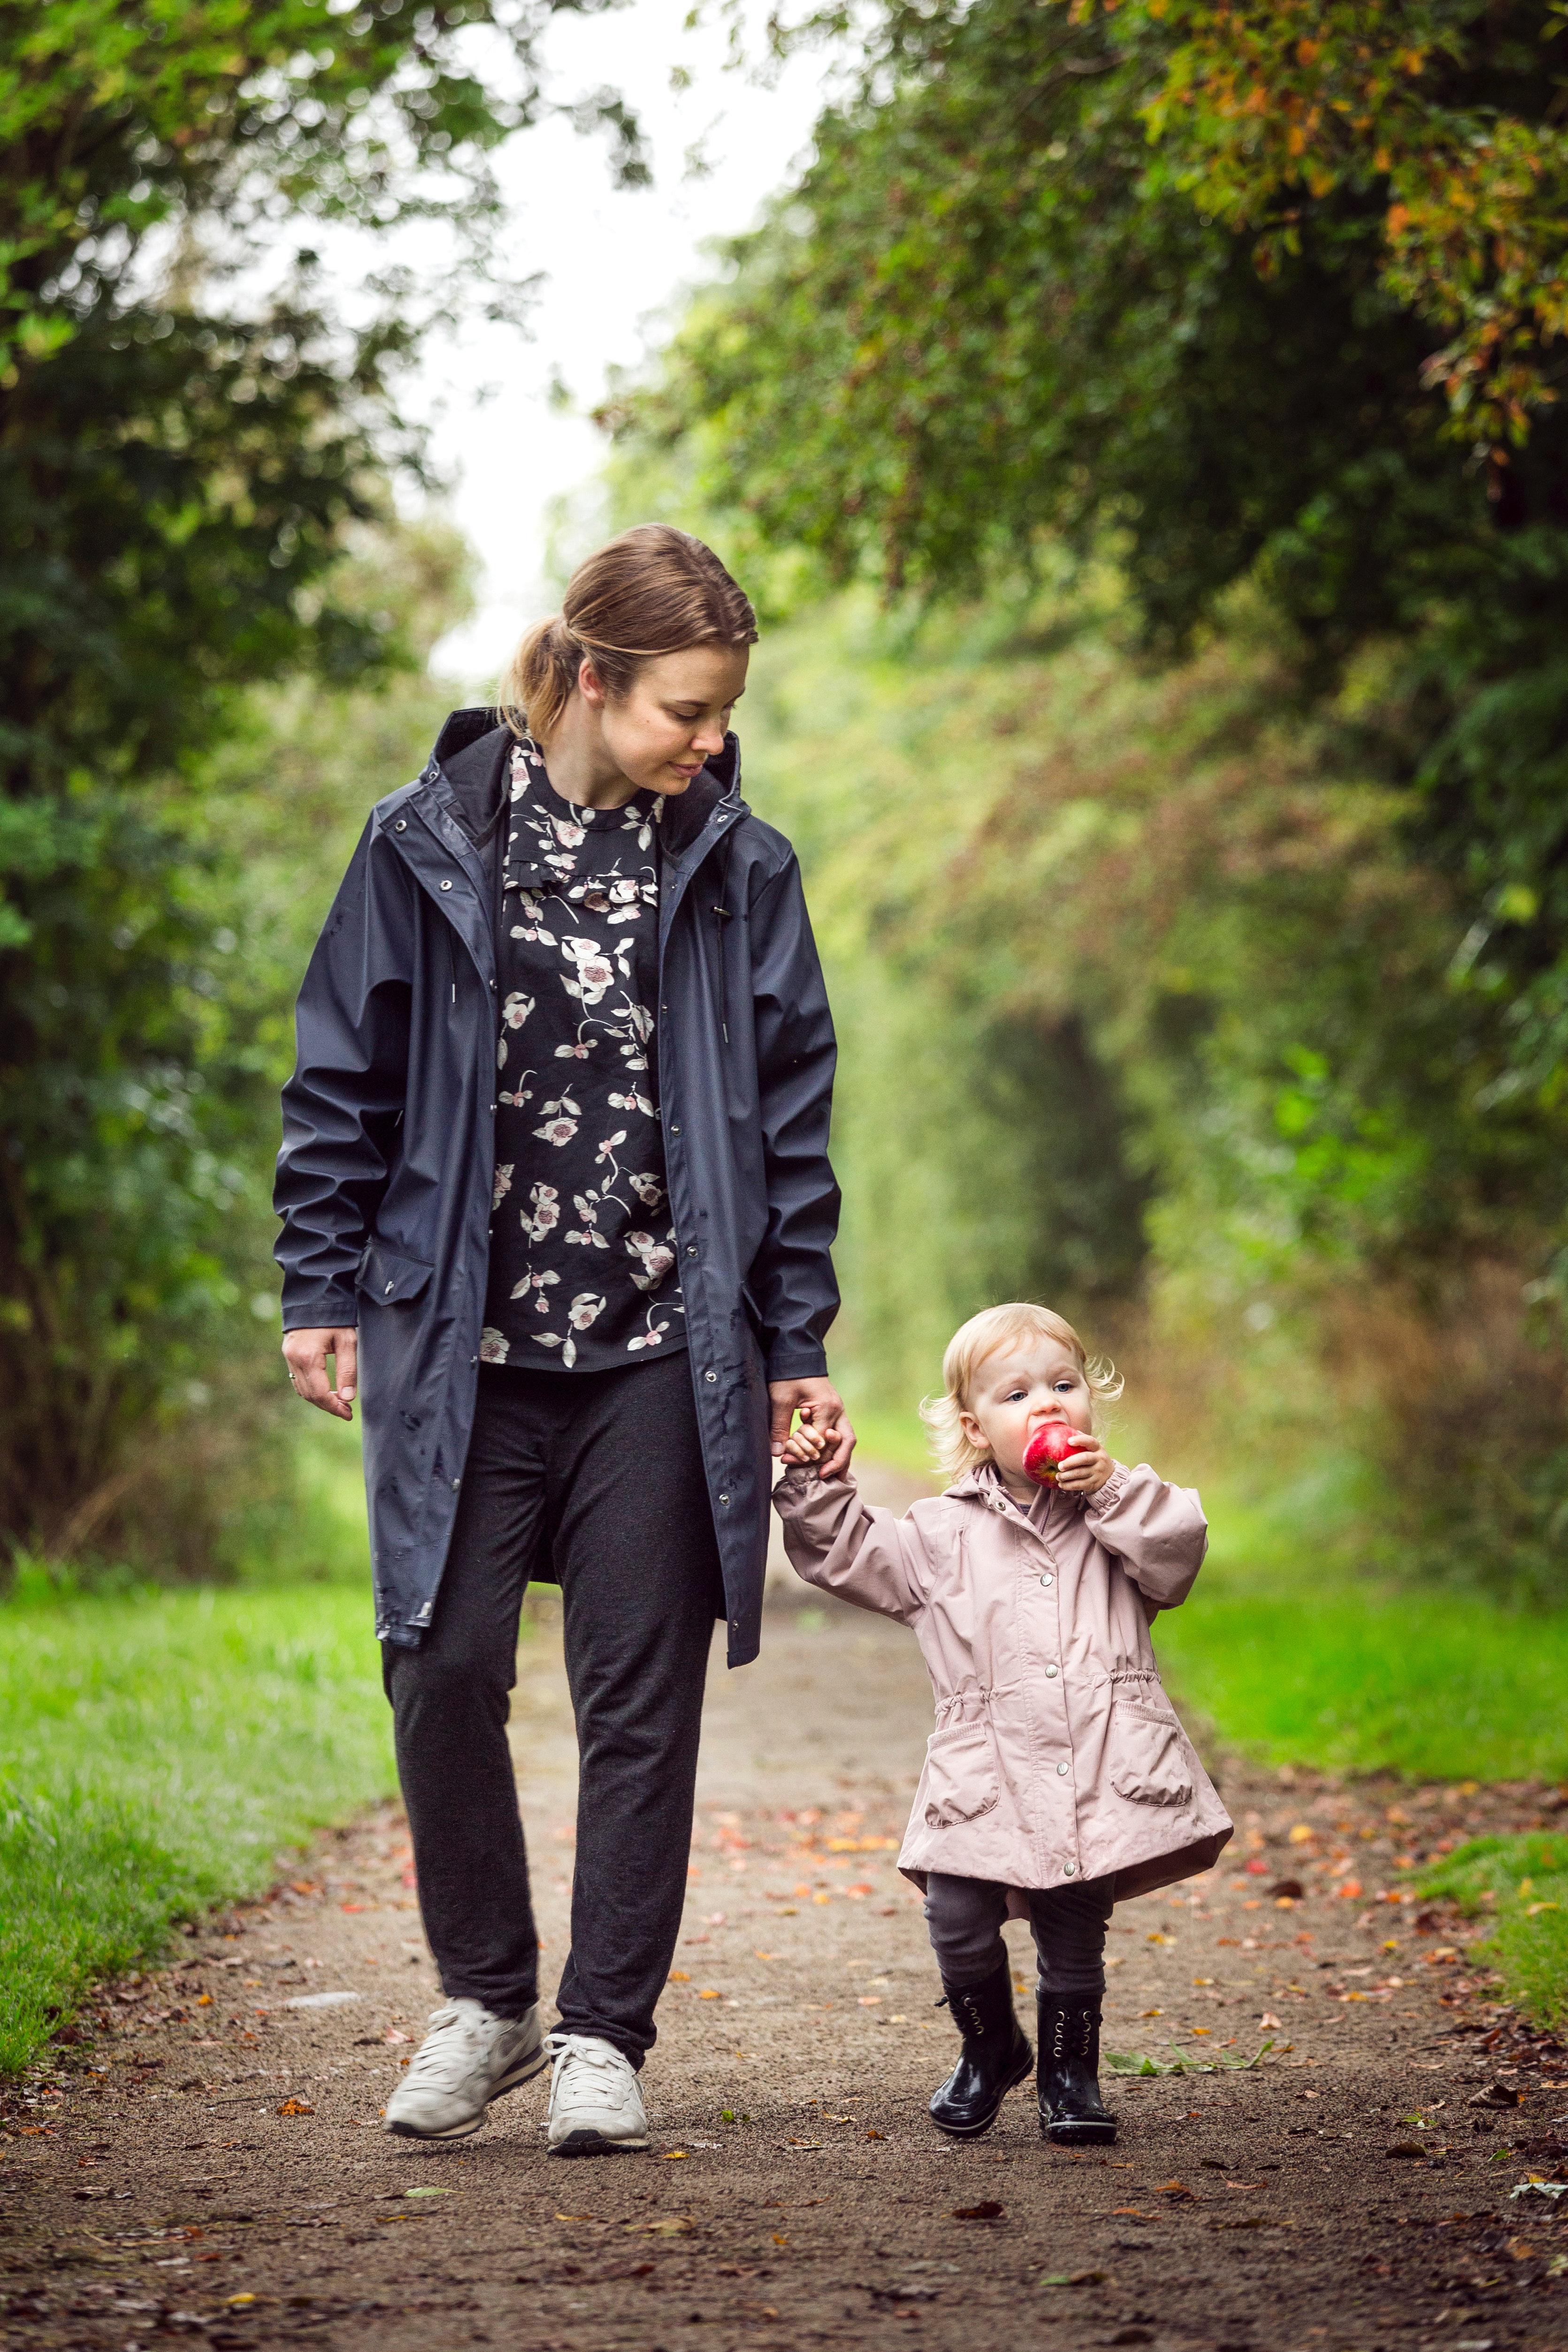 gå tur går familie børn barn mor kvinde skov (Foto: Pexels)